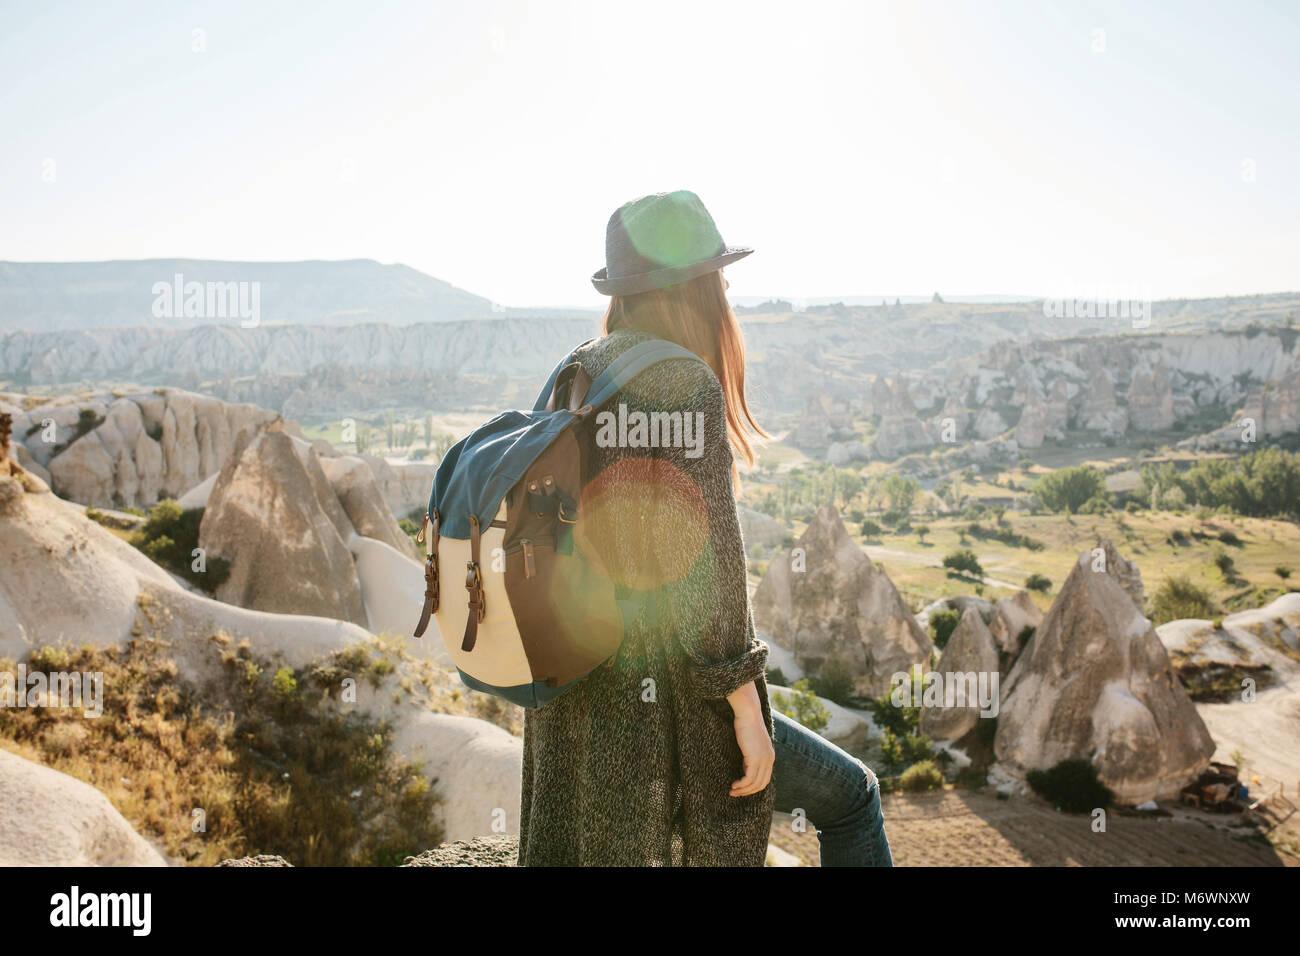 Un voyageur dans un chapeau avec un sac à dos s'élève sur une montagne et ressemble à une Photo Stock